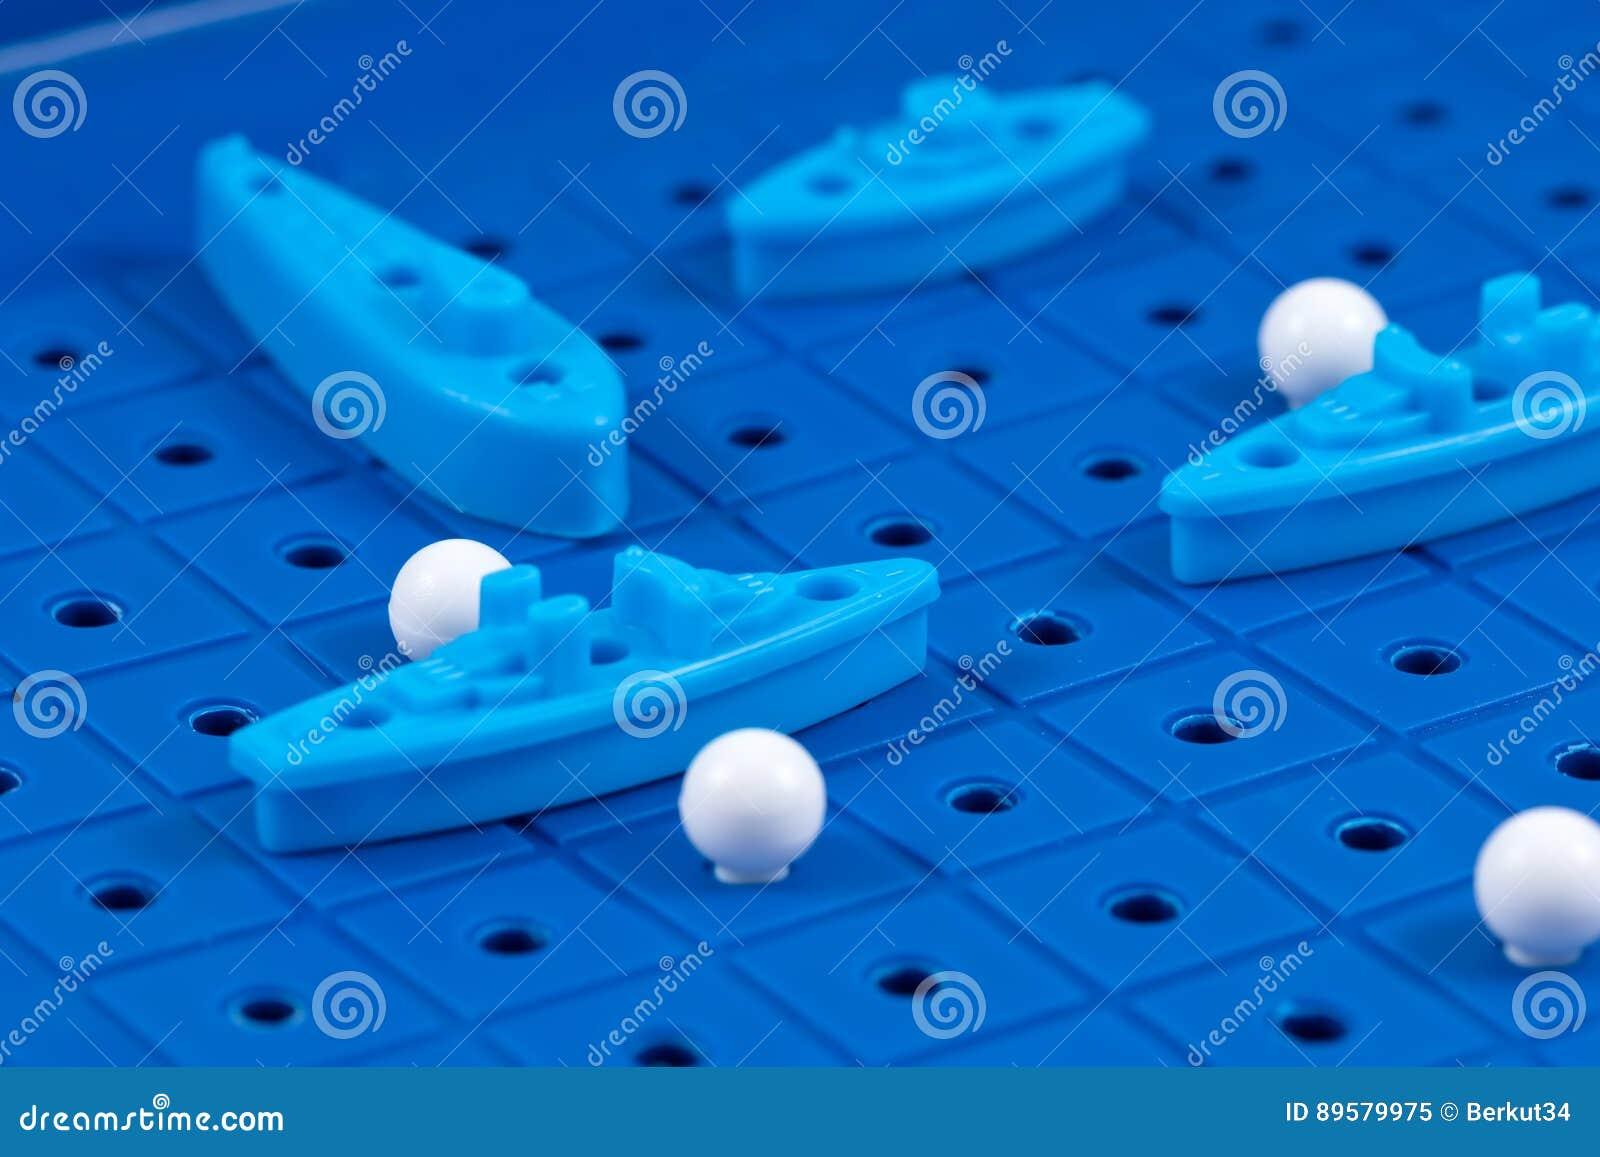 Giochi navi gratis